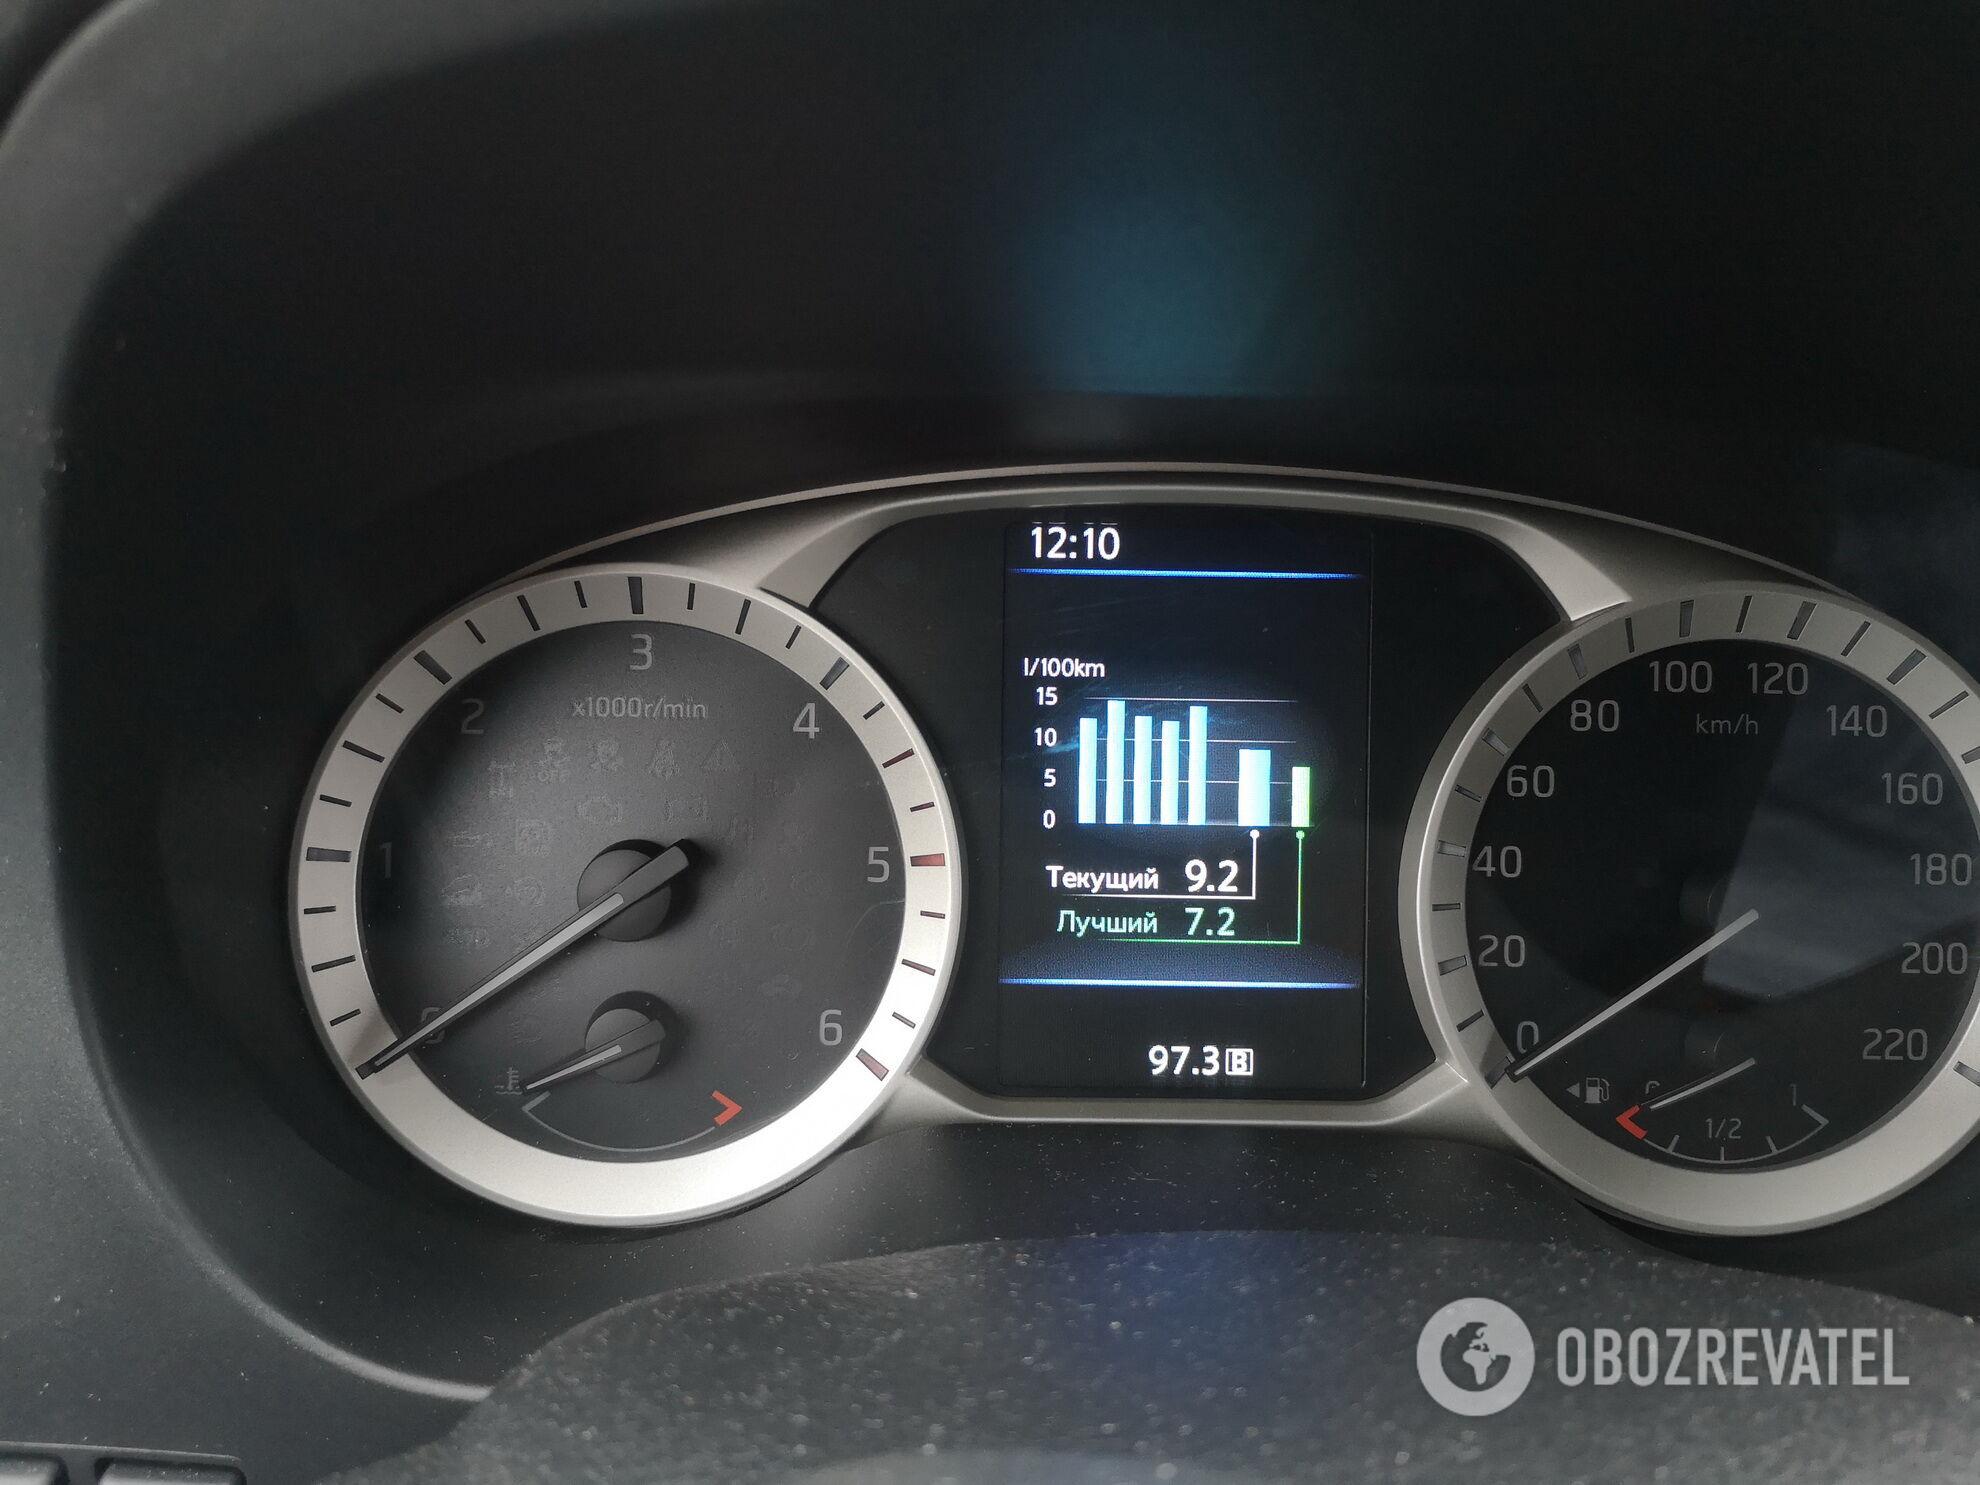 За время теста Navara подтвердила заявленные производителем показатели расхода топлива